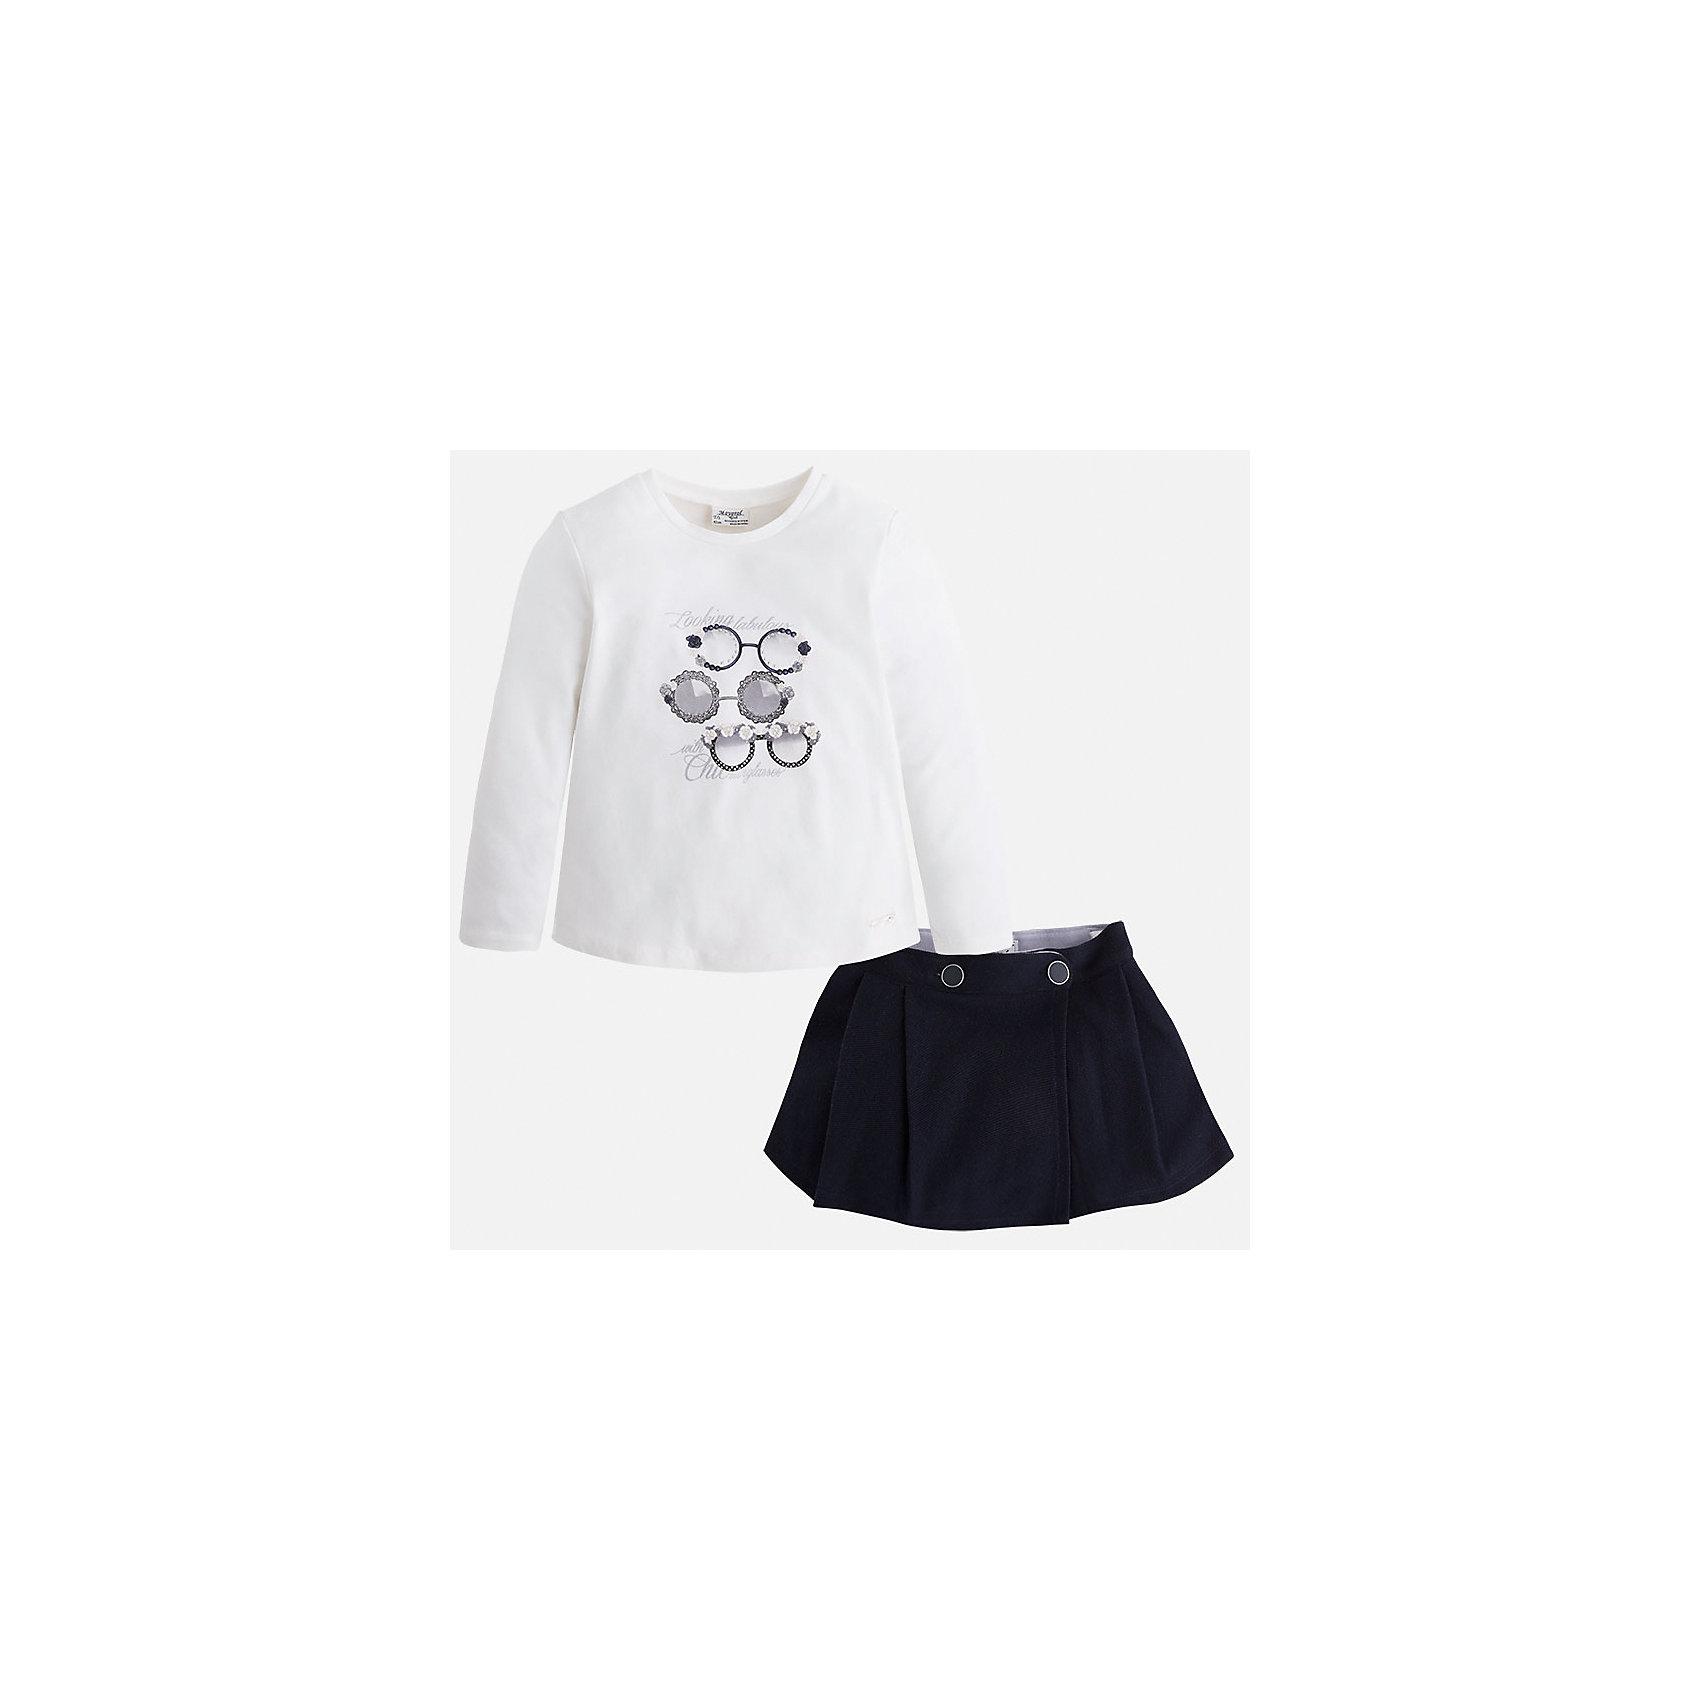 Комплект:футболка и юбка для девочки MayoralКомплекты<br>Комплект из топа и юбки от известного испанского бренда Mayoral(Майорал). Юбка с двумя застежками-пуговицами, топ легкого белого цвета с забавным принтом спереди. Изделия выполнены из качественных дышащих материалов. Прекрасный вариант для повседневной носки!<br>Дополнительная информация:<br>-длинные рукава<br>-застежки-пуговицы на юбке<br>-топ украшен оригинальным принтом<br>-цвет: темно-синий/белый<br>-состав. топ: 95% хлопок, 5% эластан. юбка: 100% полиэстер; подкладка: 65% полиэстер, 35% хлопок<br>Комплект из топа и юбки Mayoral(Майорал) вы можете приобрести в нашем интернет-магазине.<br><br>Ширина мм: 207<br>Глубина мм: 10<br>Высота мм: 189<br>Вес г: 183<br>Цвет: синий<br>Возраст от месяцев: 60<br>Возраст до месяцев: 72<br>Пол: Женский<br>Возраст: Детский<br>Размер: 116,110,104,134,98,122,128<br>SKU: 4844640